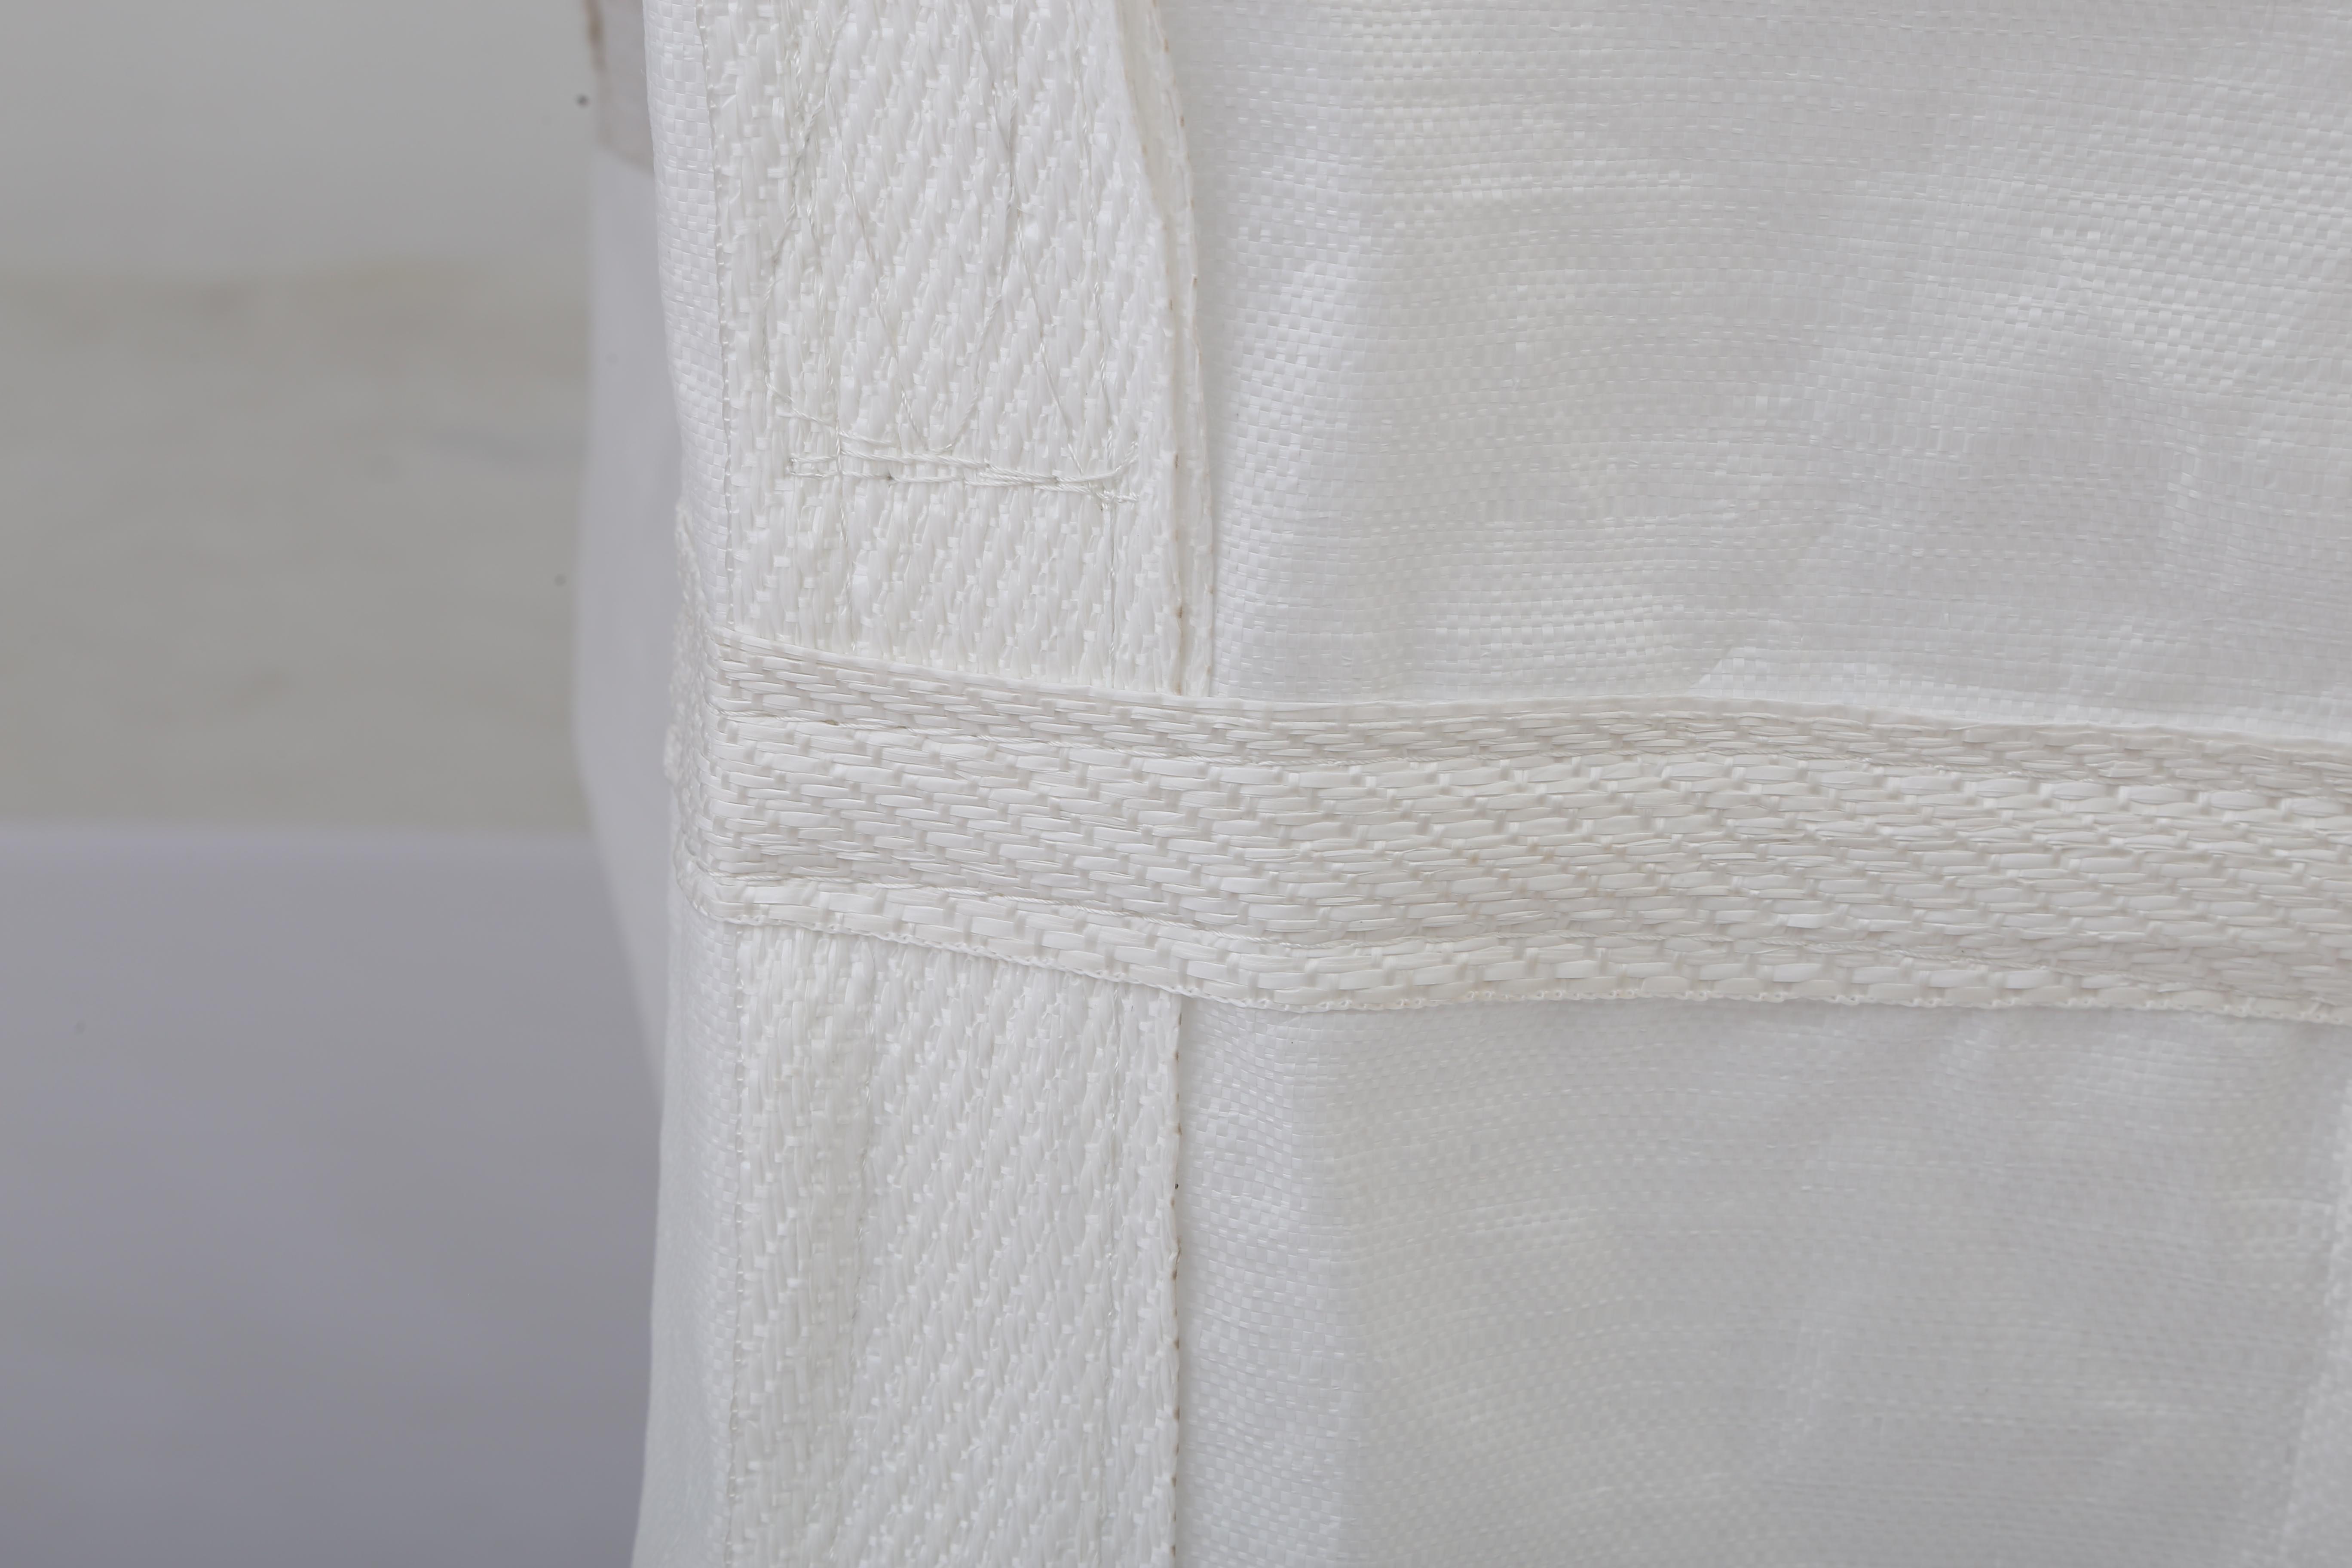 湖南塑料编织袋生产厂家,湖南塑料编织袋批发价格,湖南塑料编织袋供应商